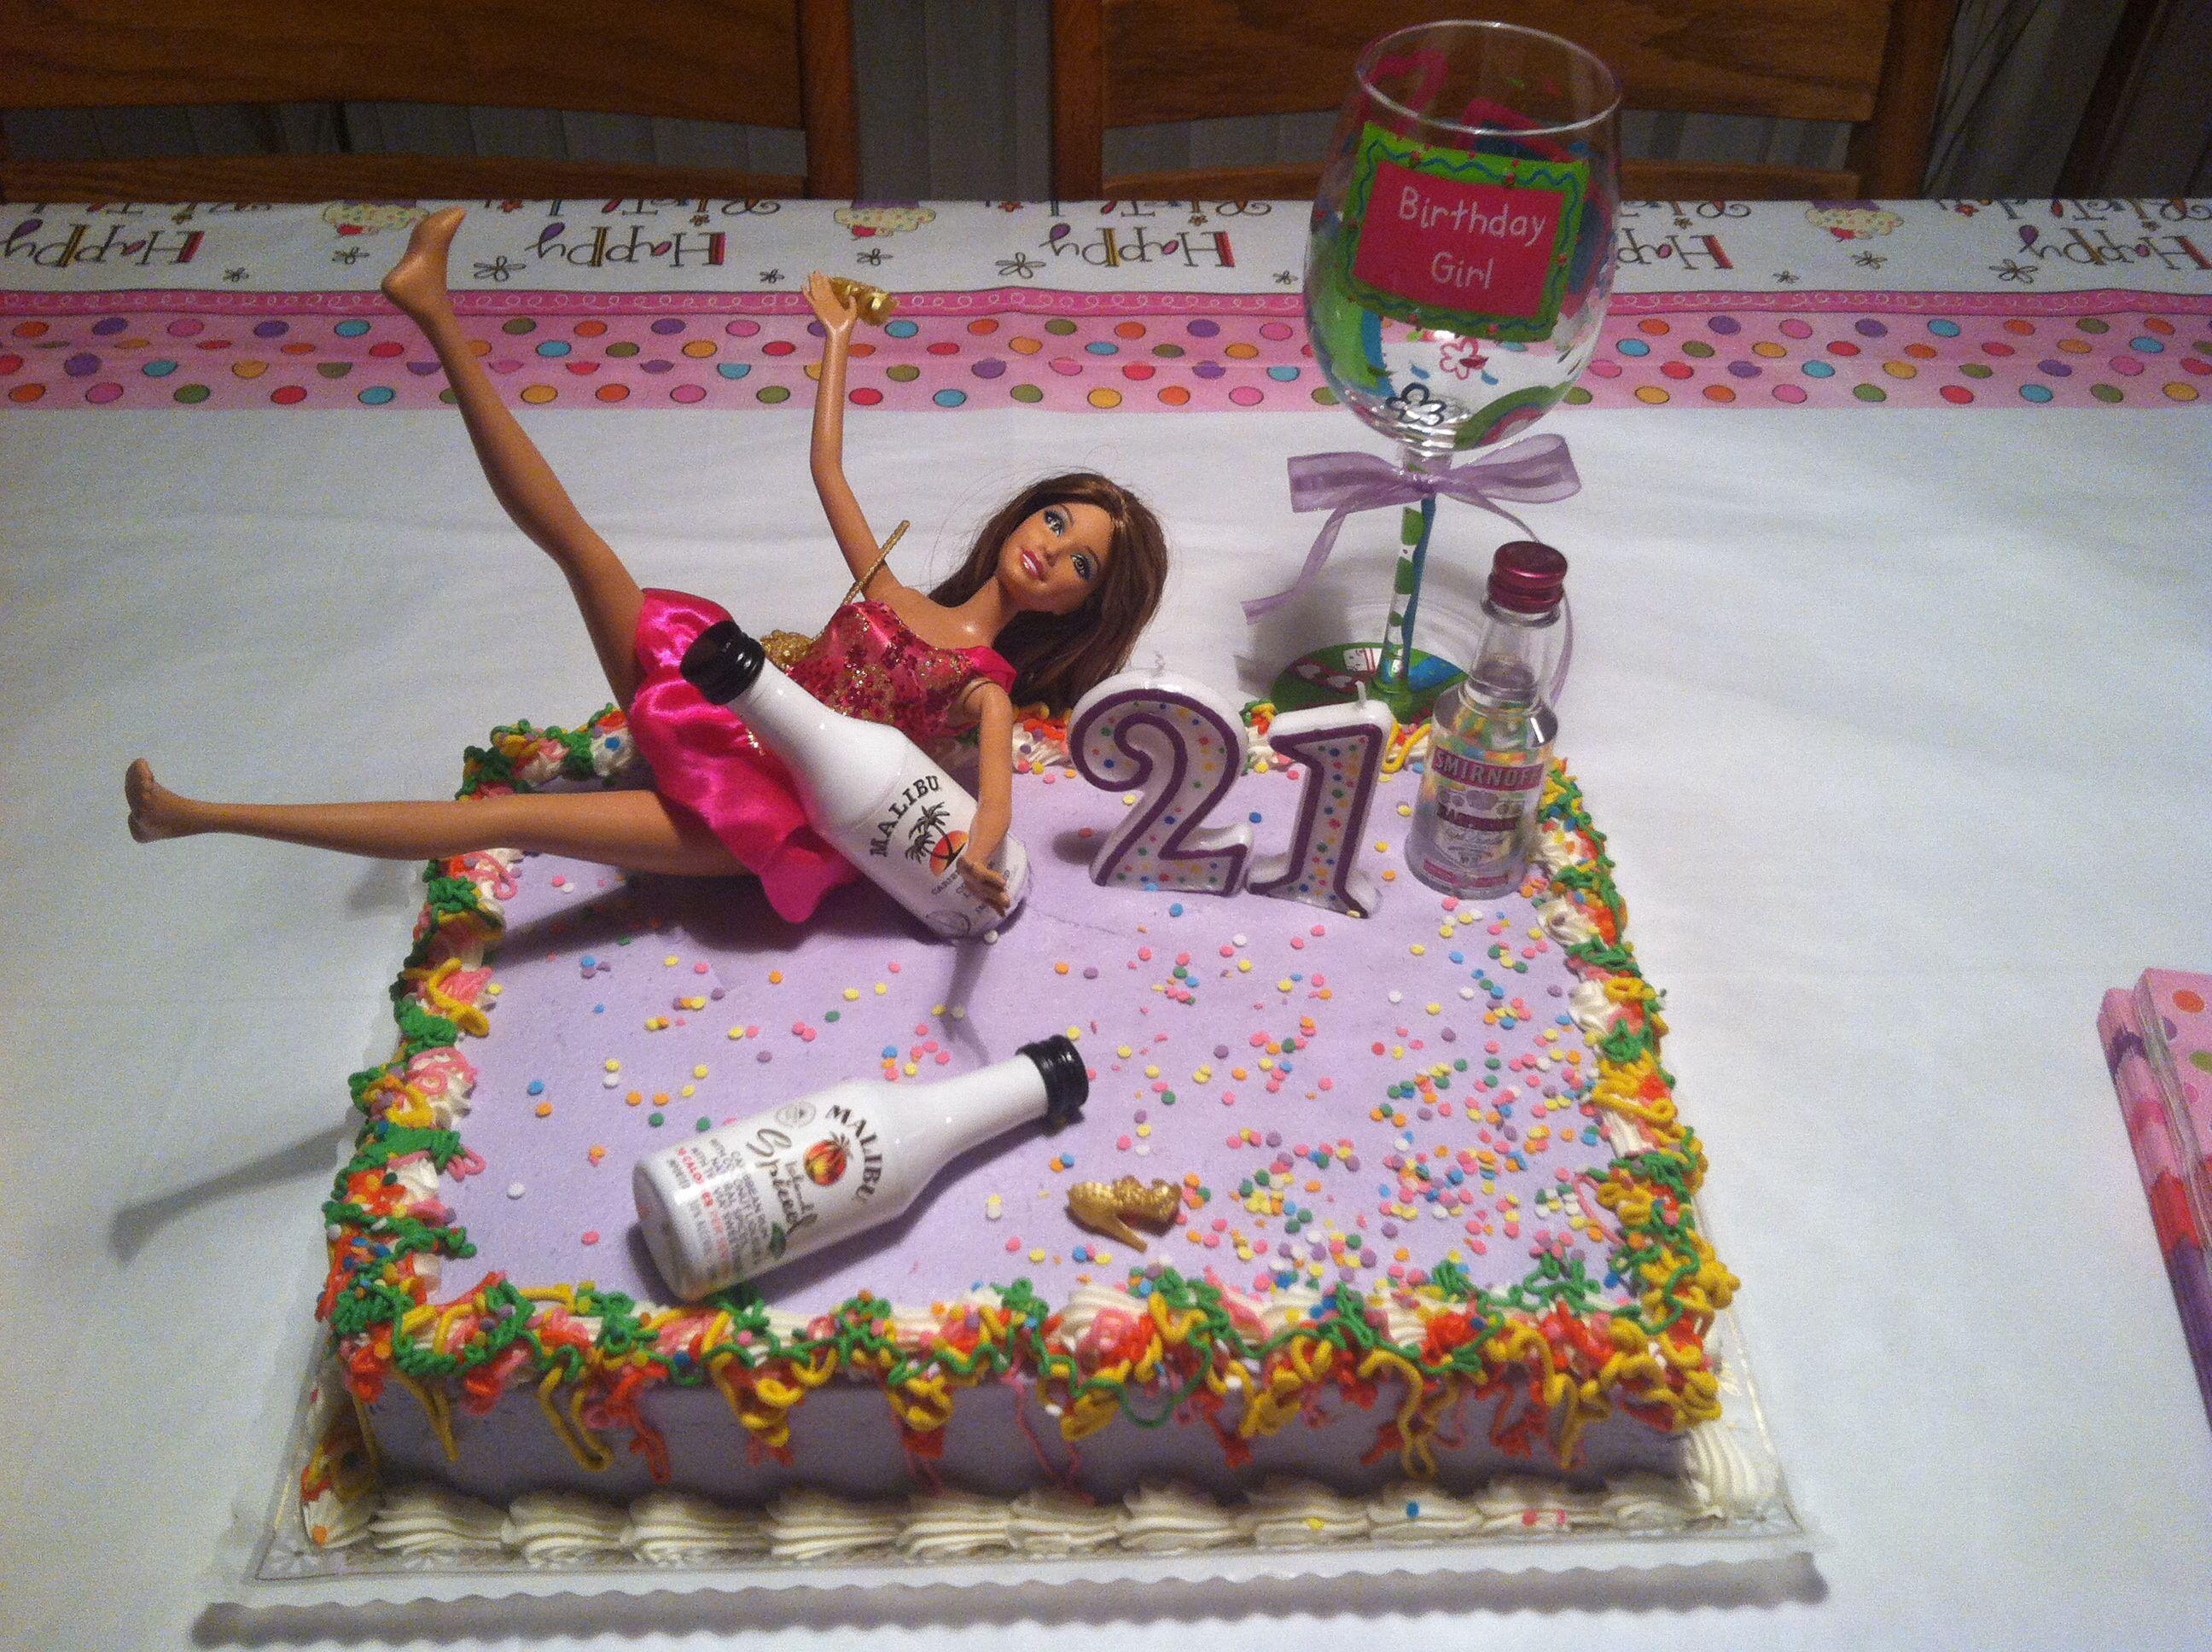 Outstanding My 21St Birthday Cake 21St Birthday Cakes 21St Bday Cake 21St Personalised Birthday Cards Veneteletsinfo